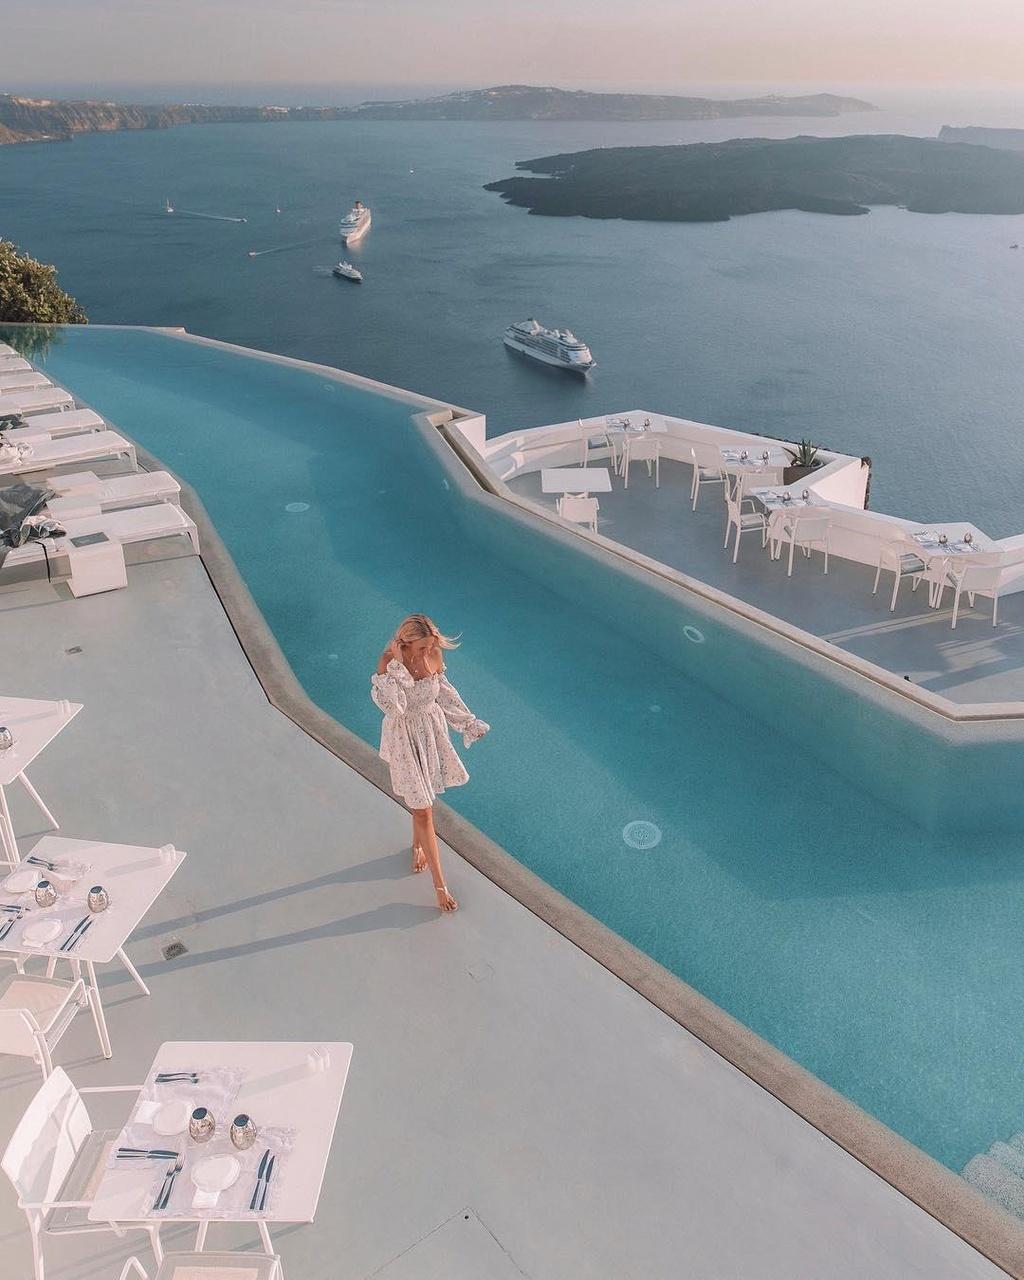 Lạc vào thế giới vô cực với những bể bơi sang chảnh nhất hành tinh - Ảnh 12